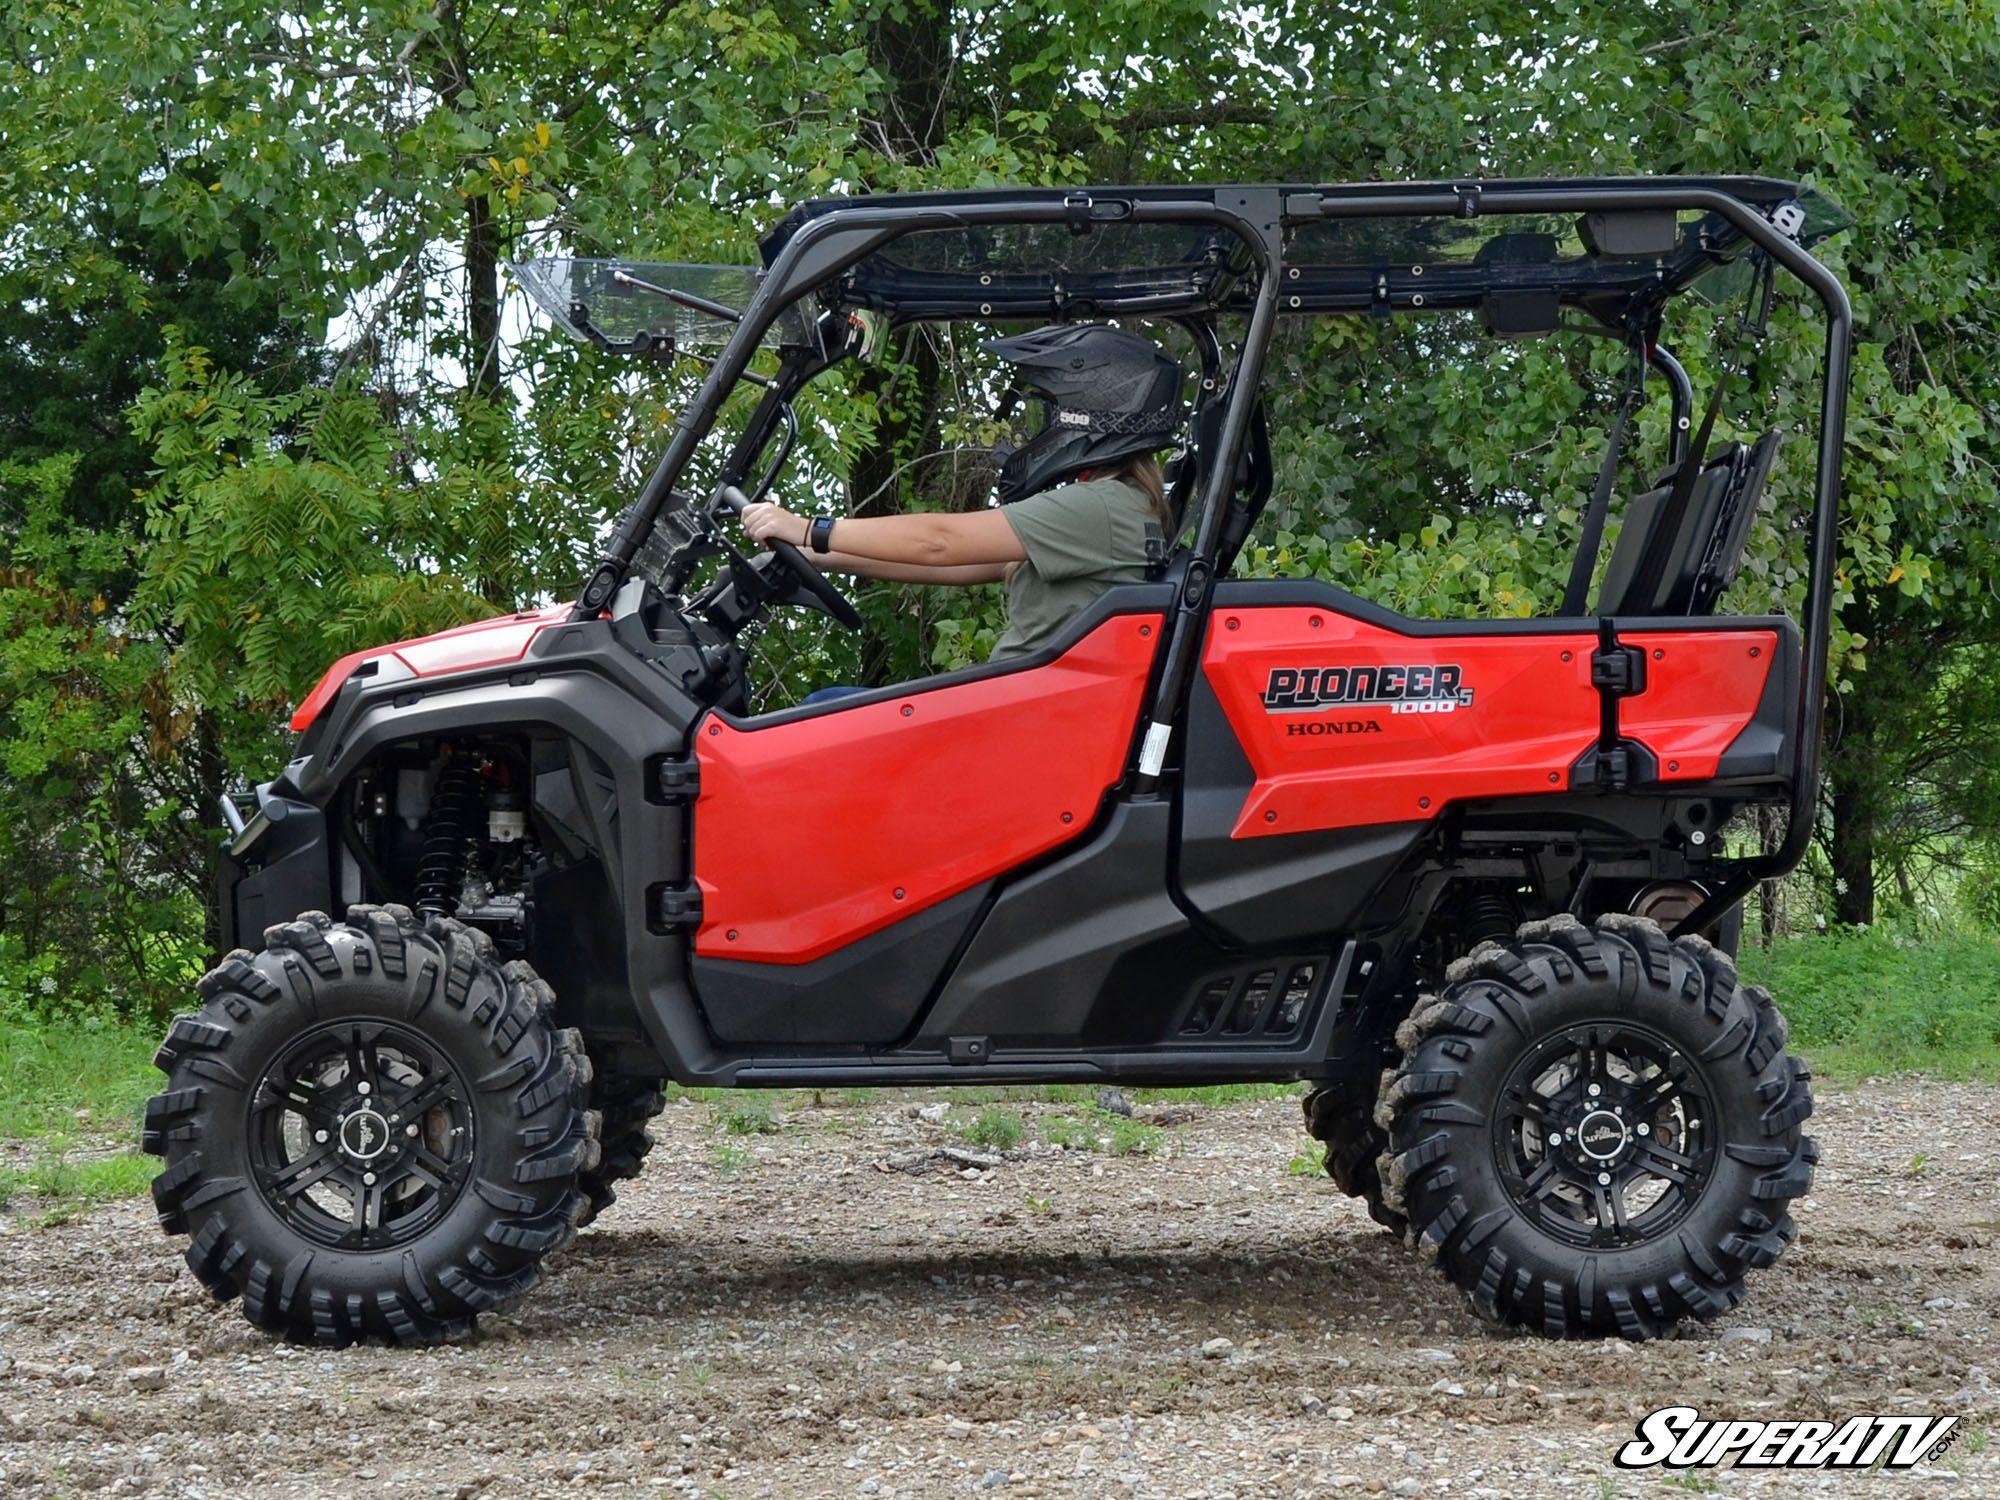 6 Seater Utv >> Super ATV 4 inch Portal Gear Lift for Honda Pioneer 1000